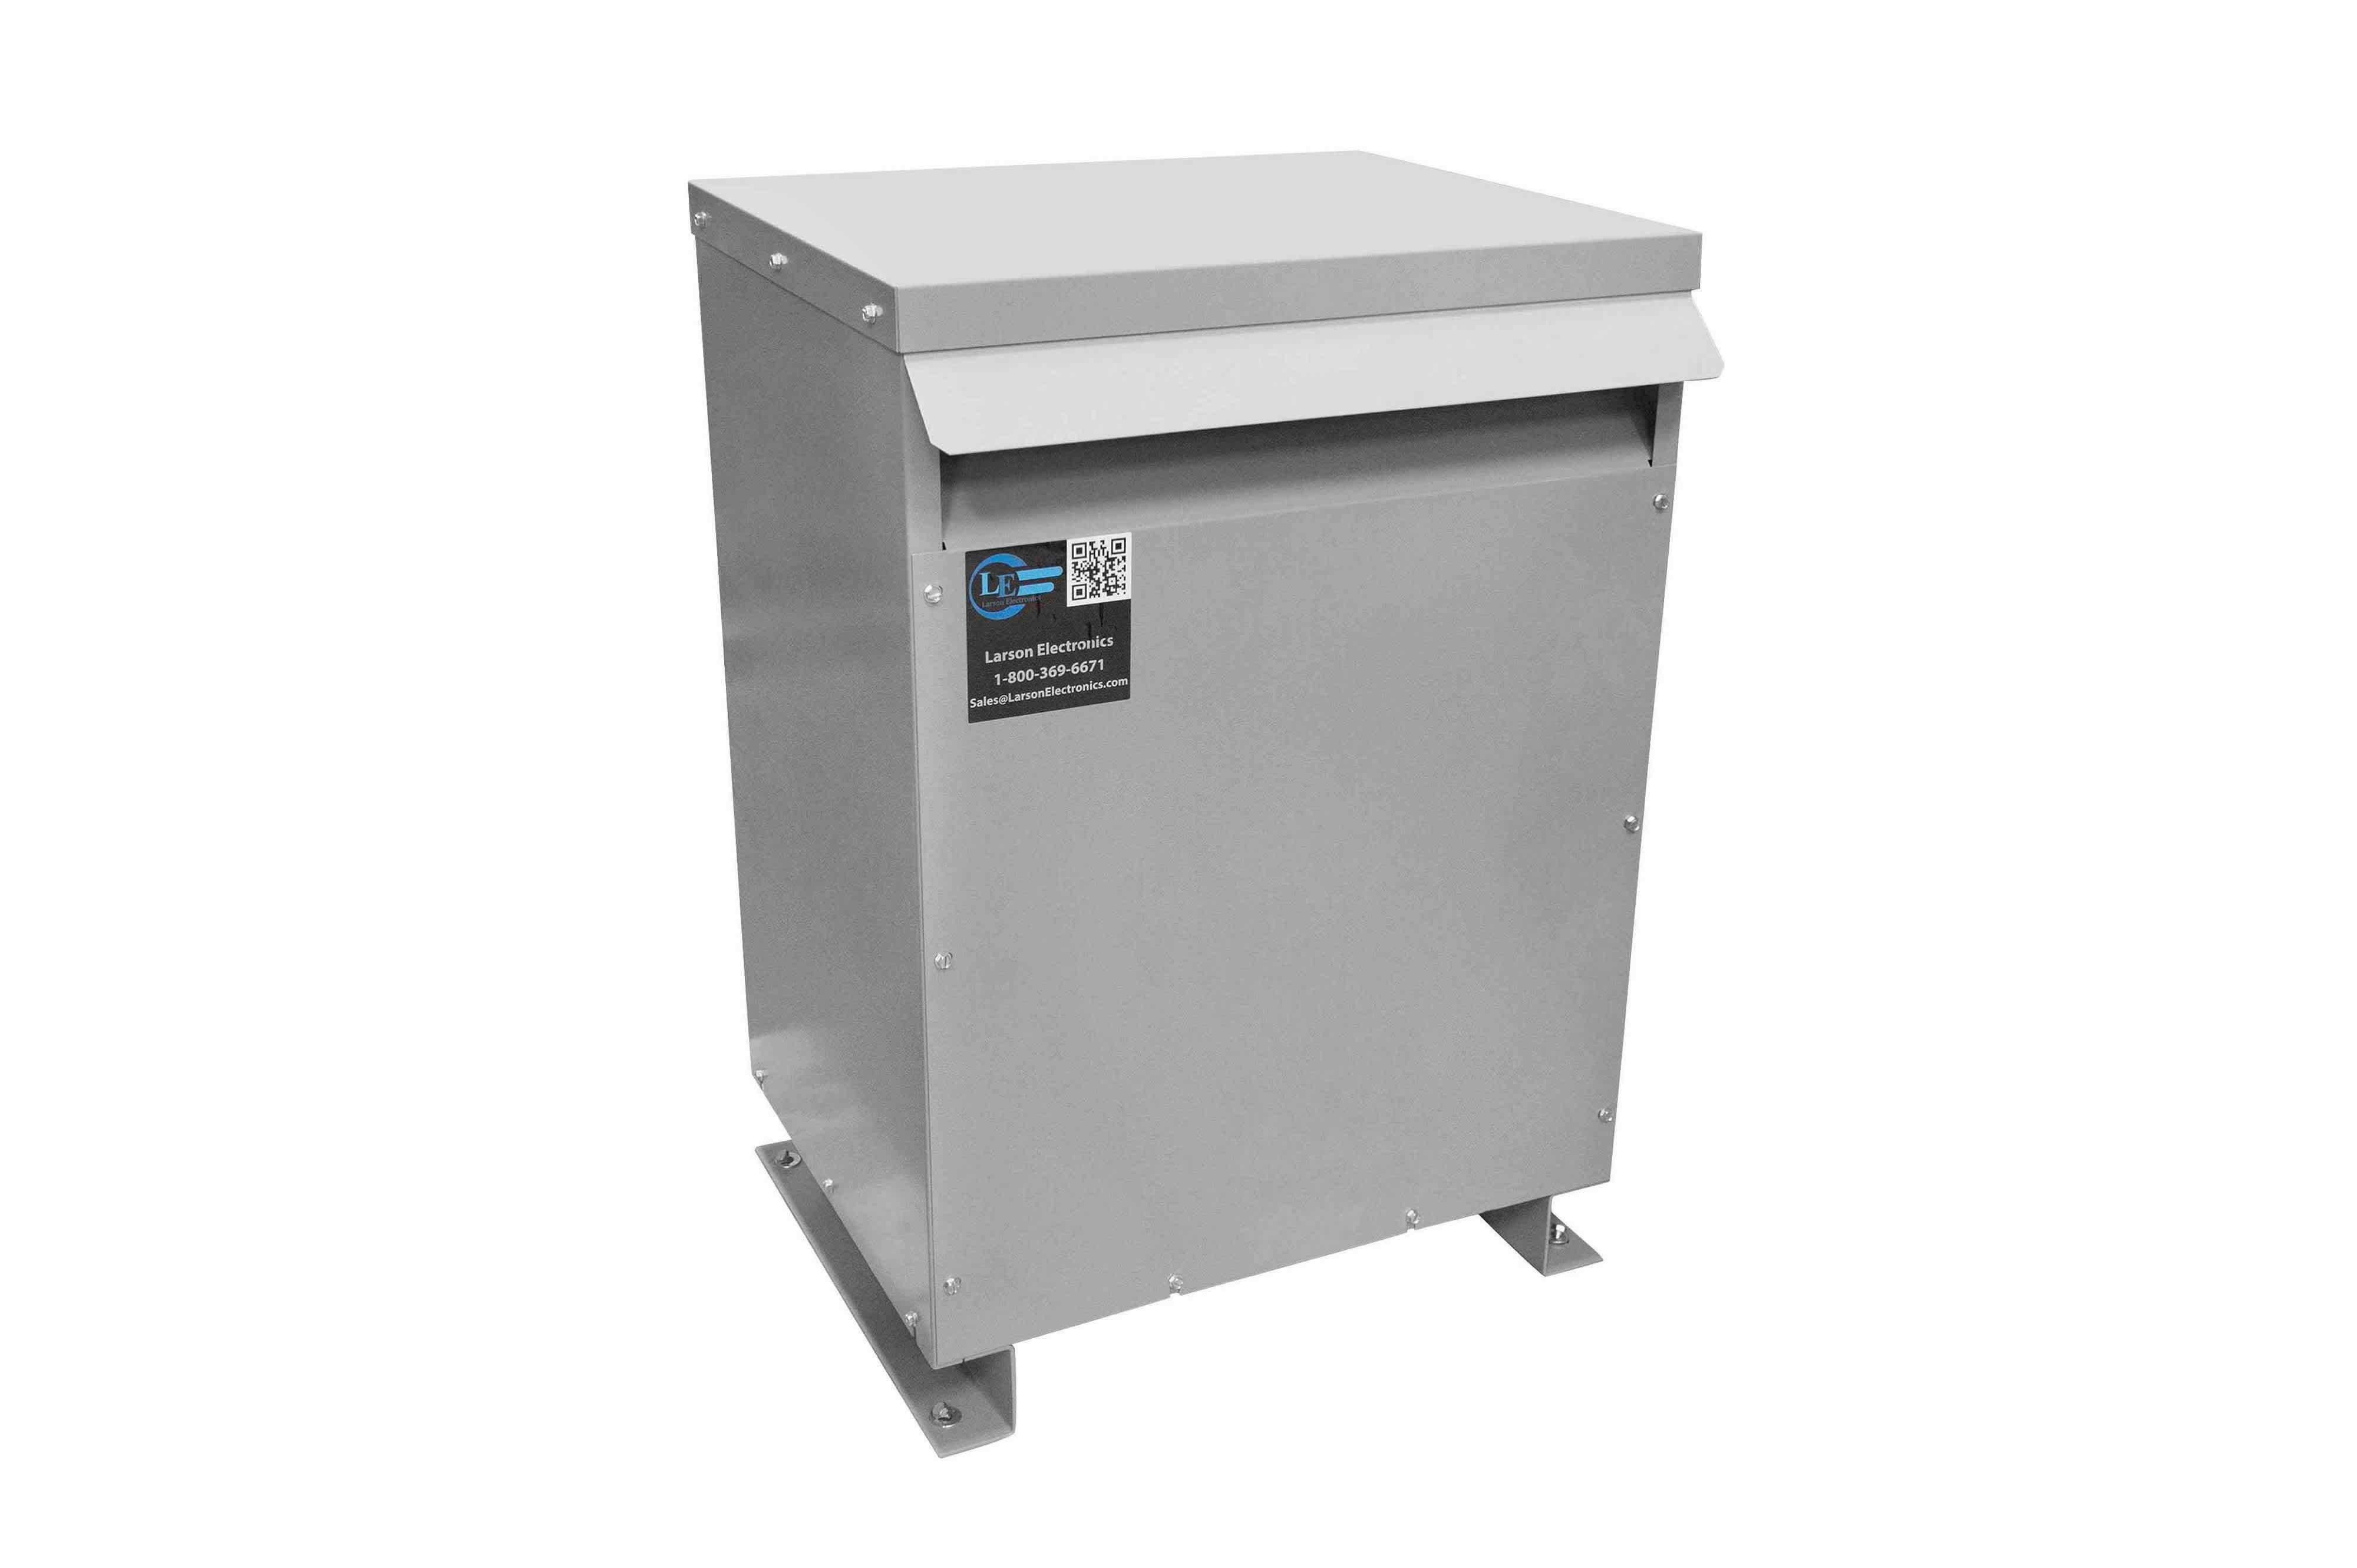 52.5 kVA 3PH Isolation Transformer, 240V Delta Primary, 600V Delta Secondary, N3R, Ventilated, 60 Hz